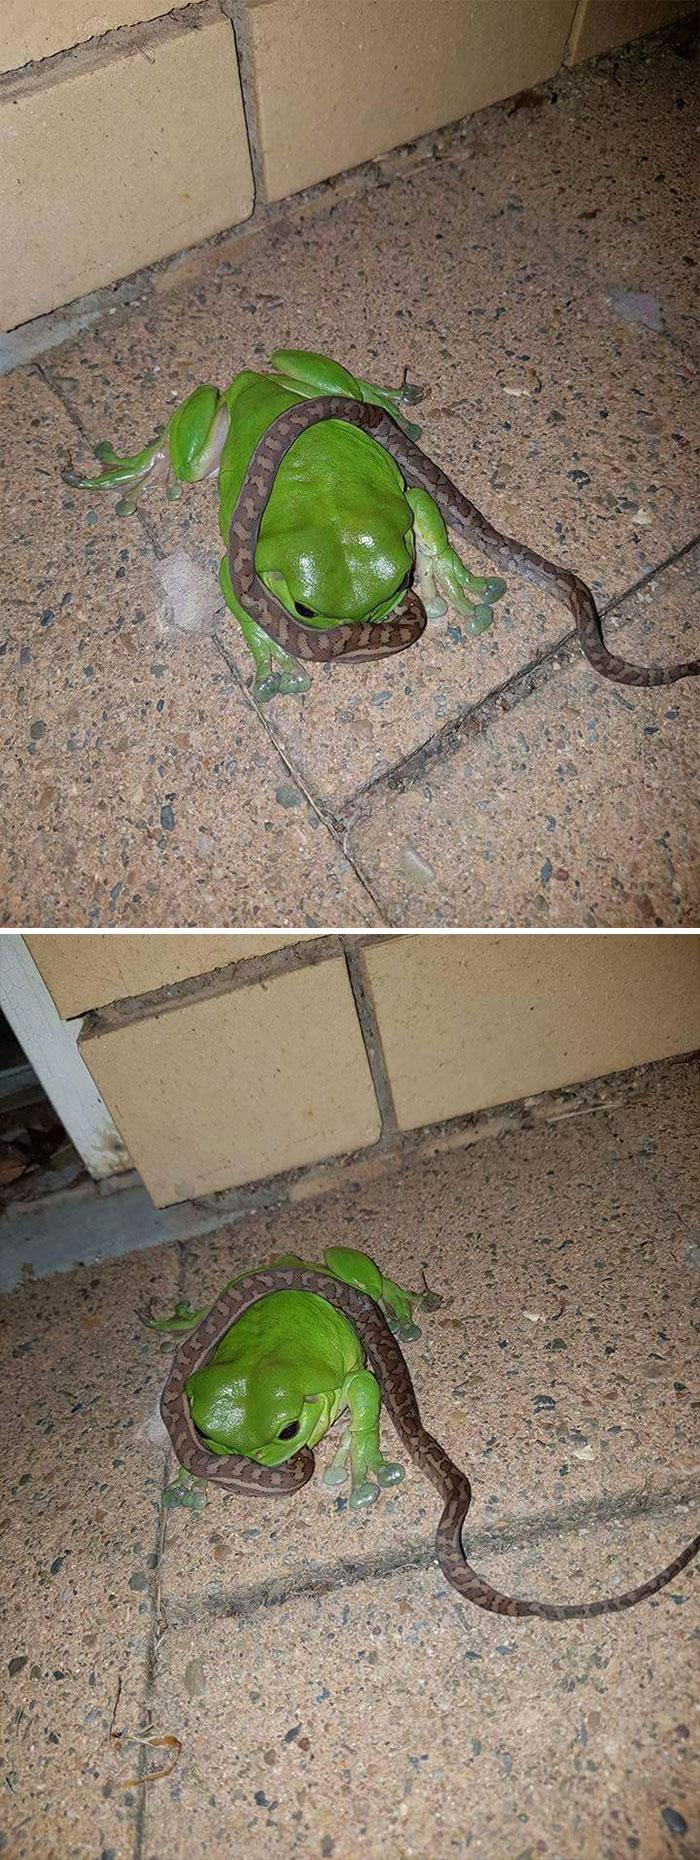 En Australia, las ranas comen serpientes